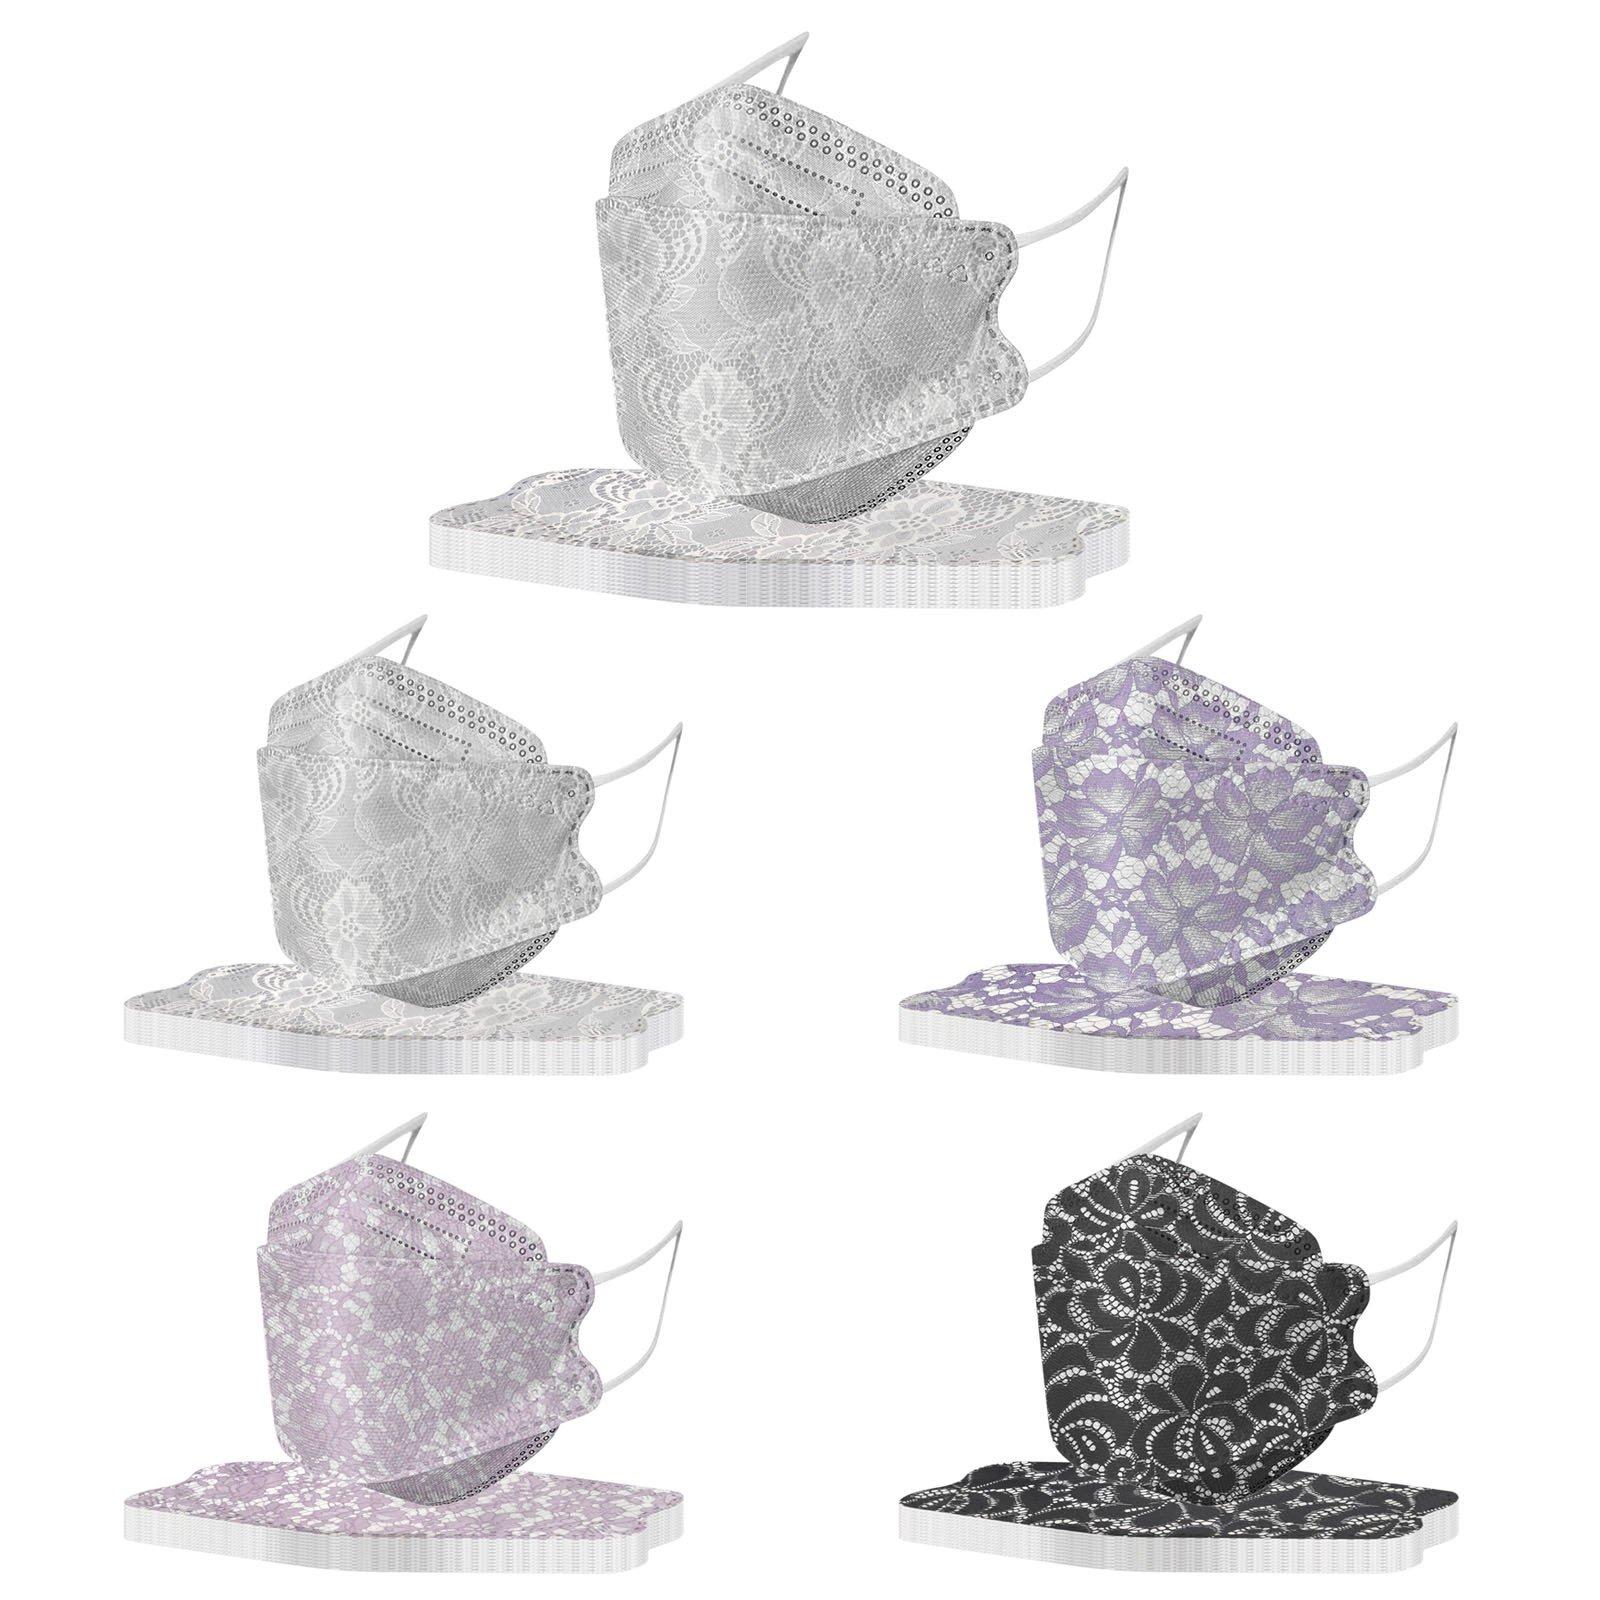 現貨10入蕾絲KF94-韓版魚嘴型口罩印花口罩蕾絲口罩柳葉型口罩 兒童口罩 成人口罩 個性口罩 熱銷口罩 收藏級口罩